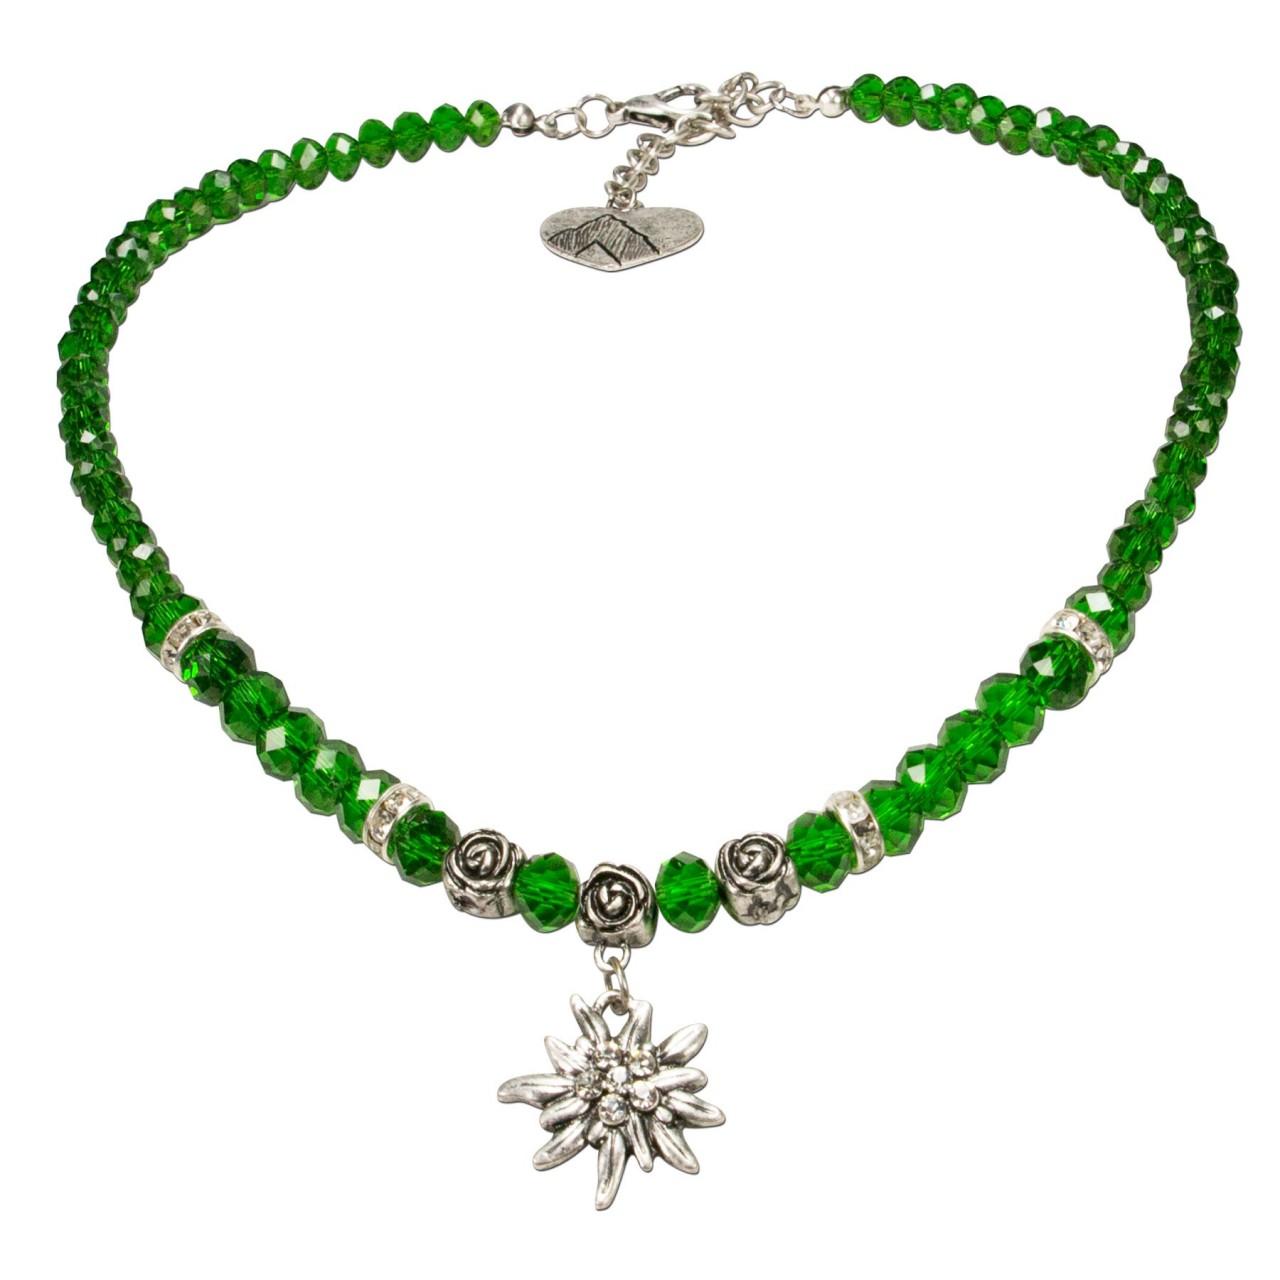 Naszyjnik z pereł mały zielony szarotka